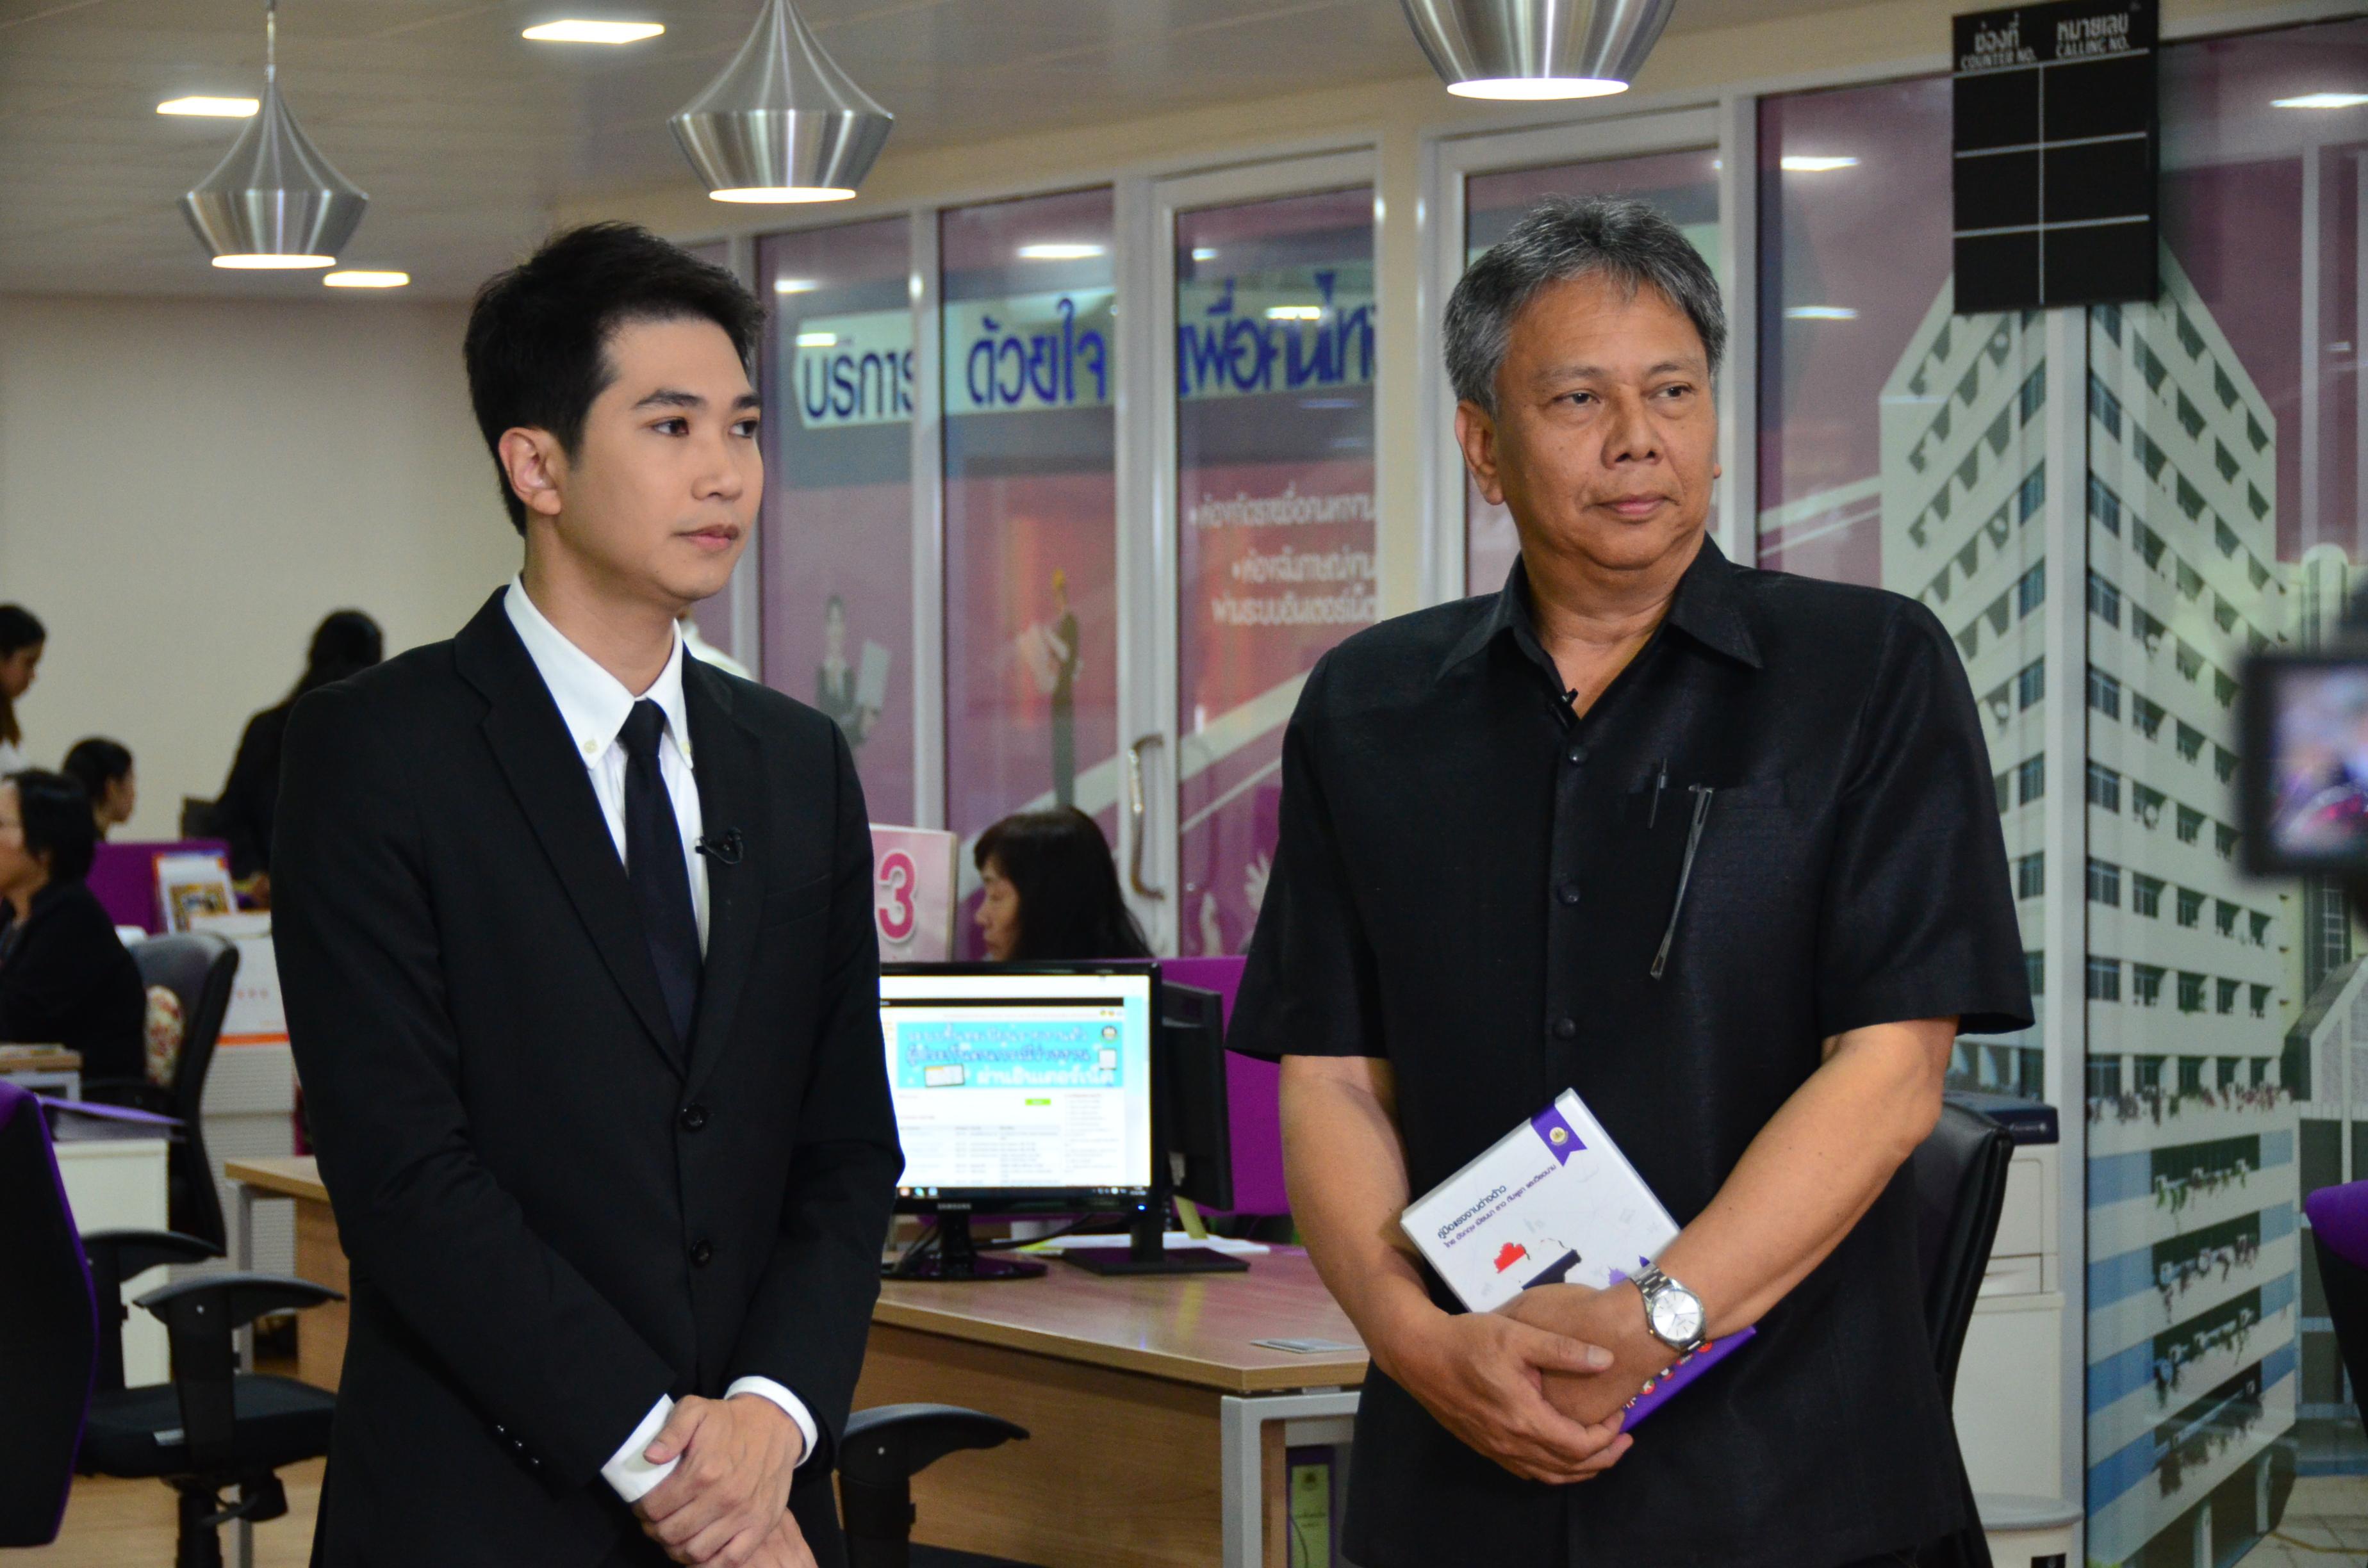 นายวรานนท์  ปีติวรรณ  อธิบดีกรมการจัดหางาน ให้สัมภาษณ์สื่อมวลชน ณ ศูนย์บริการจัดหางานเพื่อคนไทย (Smart Job Center) อาคารด้านหน้ากระทรวงแรงงาน